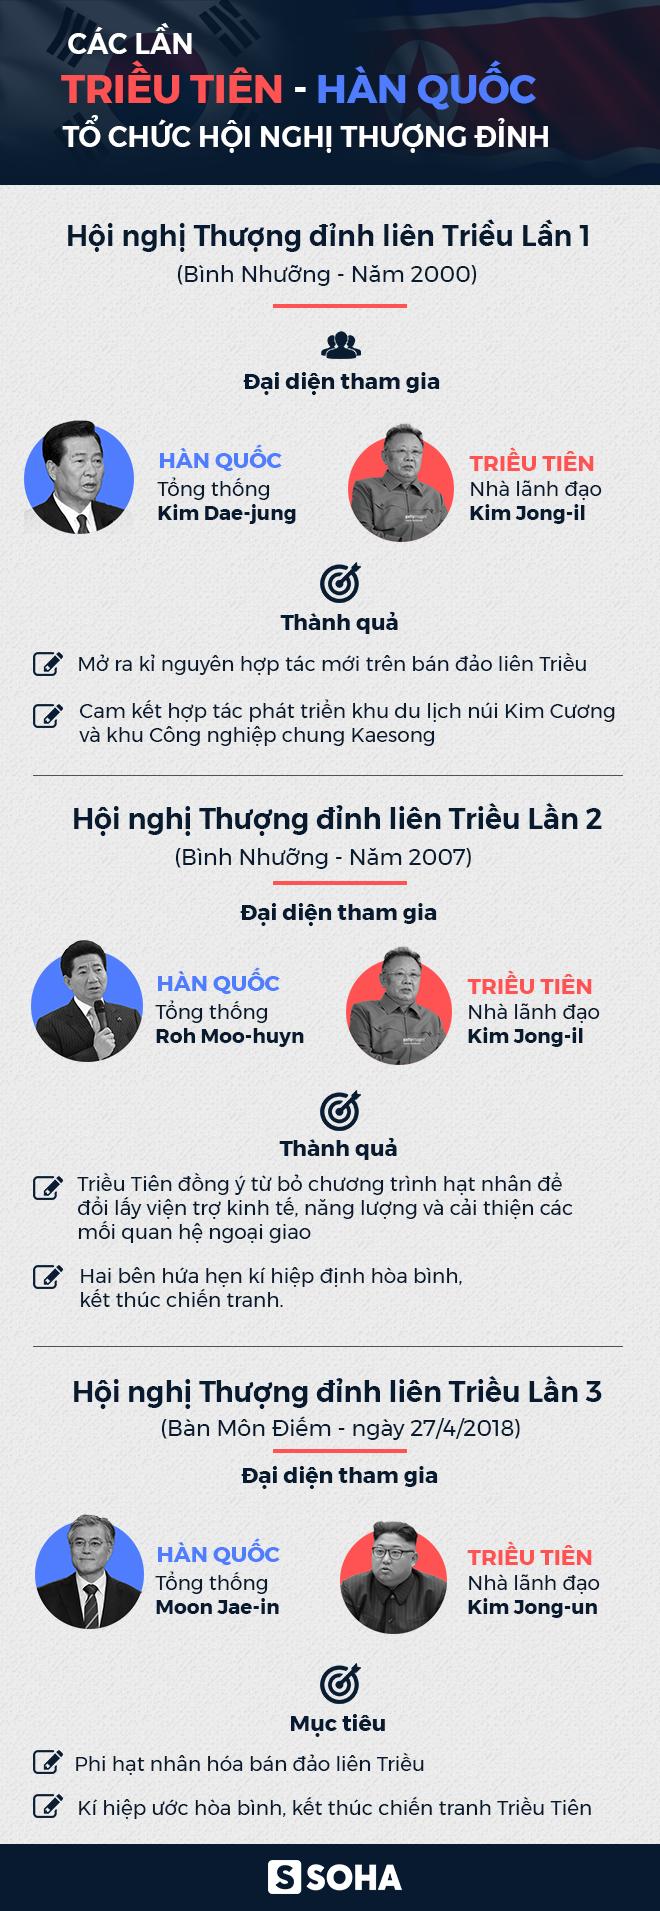 [CẬP NHẬT] Ông Kim Jong-un: Đường phân giới rất dễ bước qua mà ta lại mất tới 11 năm - Ảnh 1.